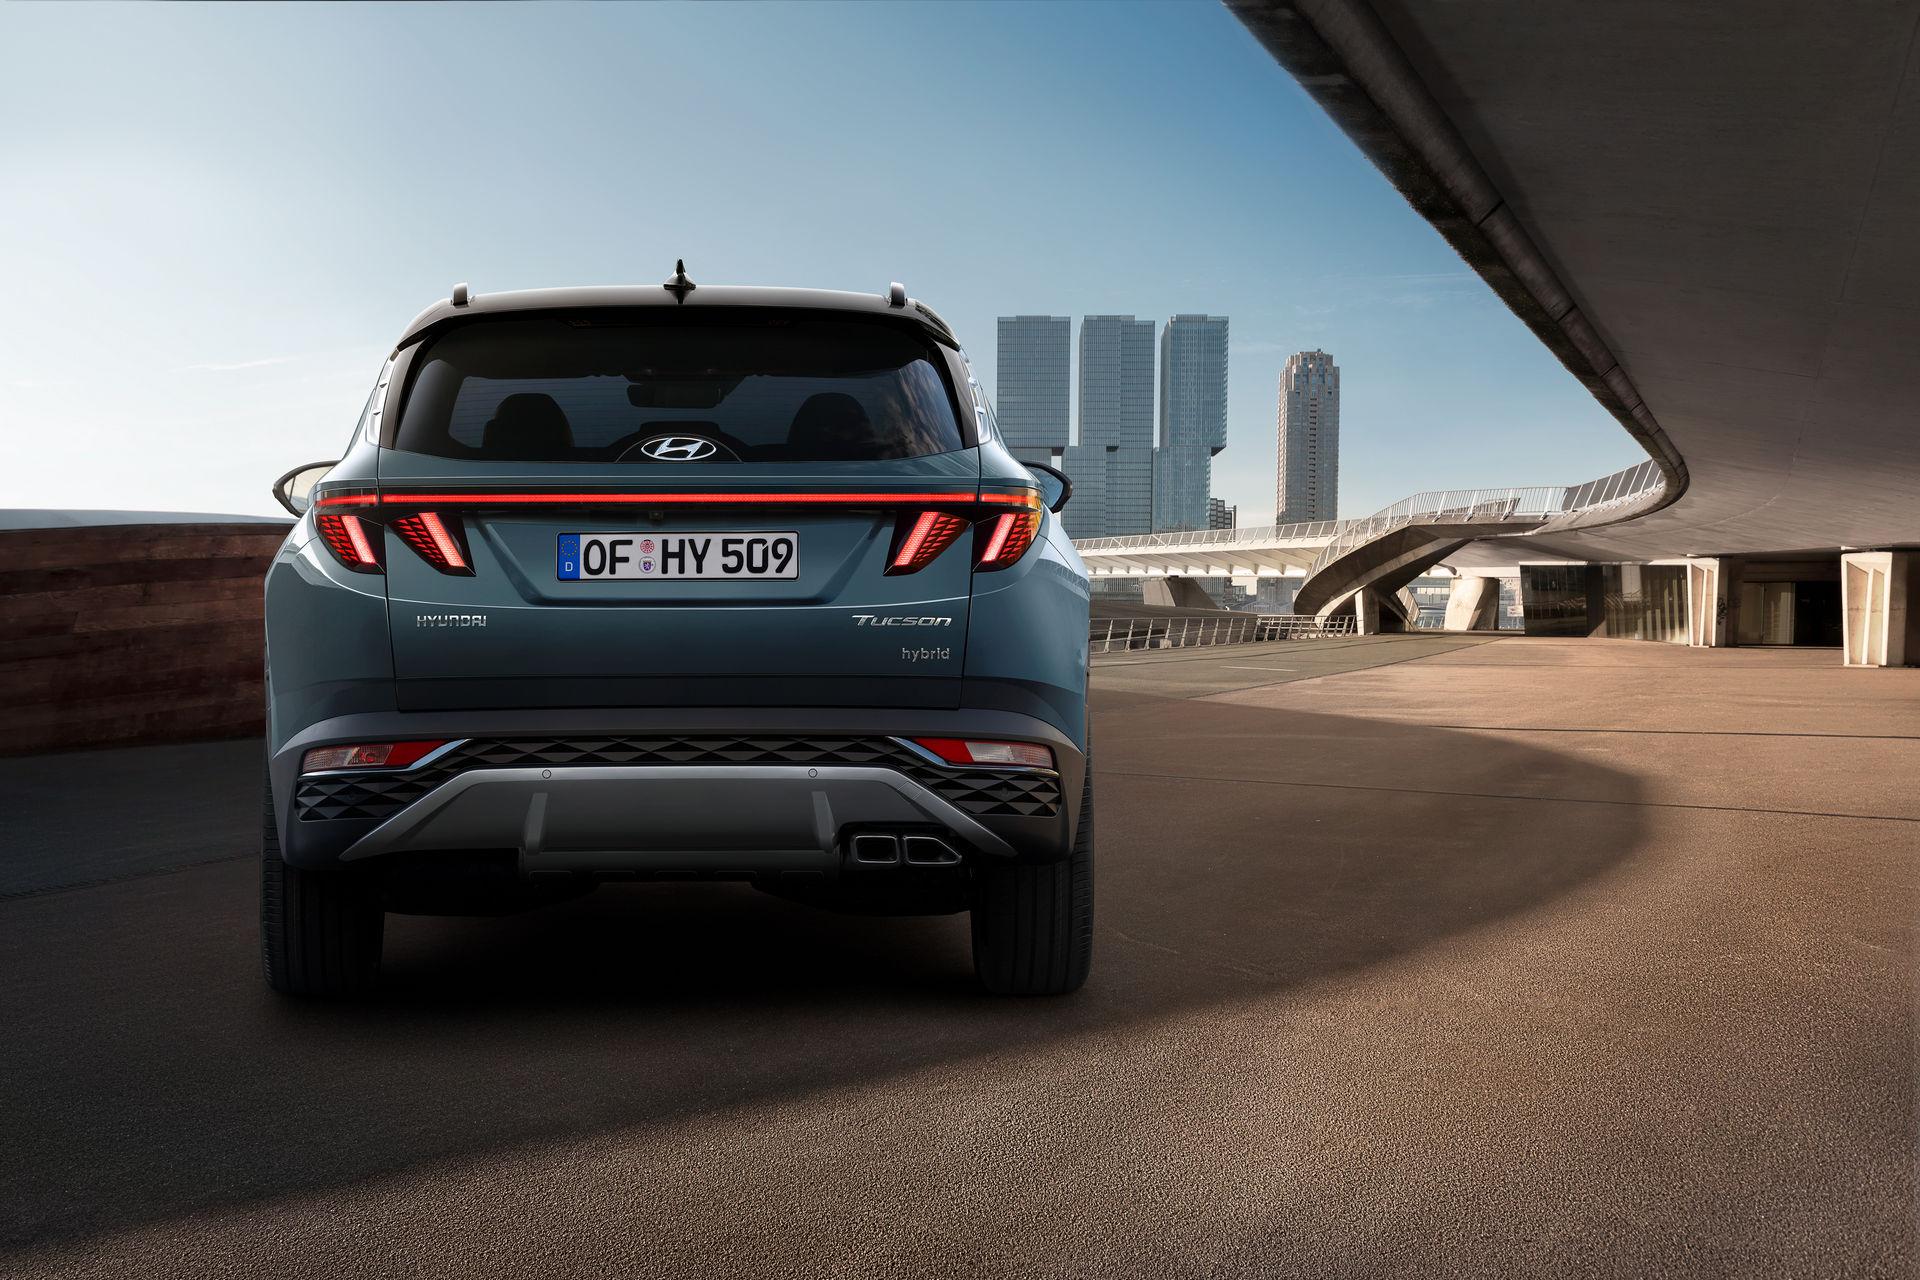 بالفيديو والصور.. انطلاق هيونداي توسان 2022 الجديدة كليًا رسميًا 2021-Hyundai-Tucson-9.jpg